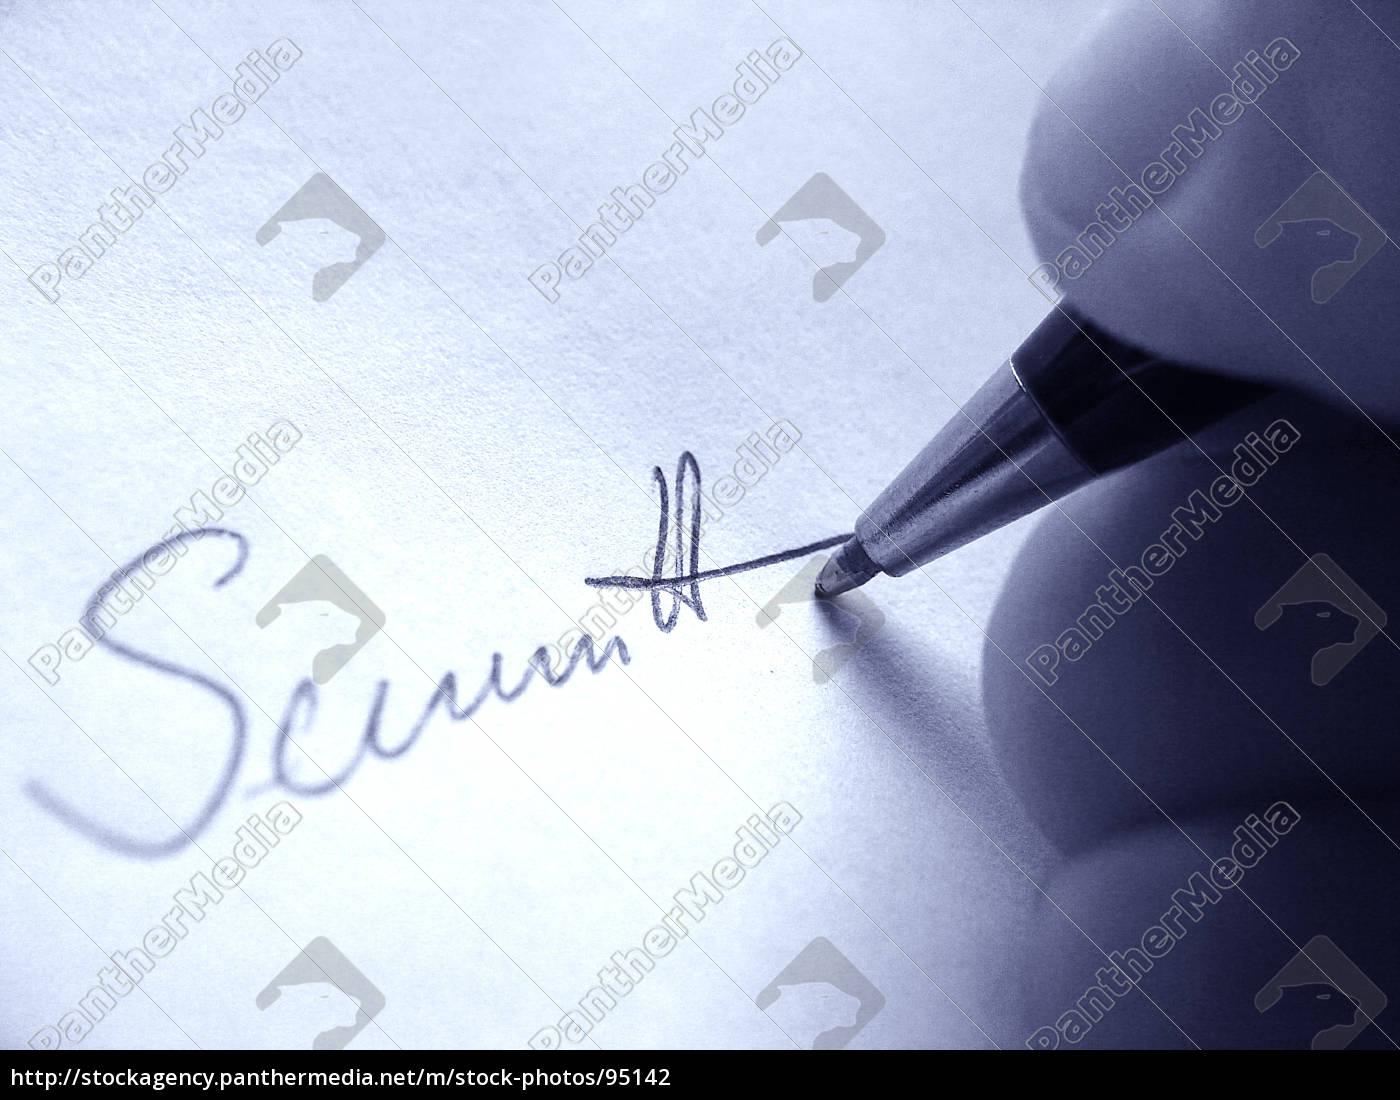 signature - 95142